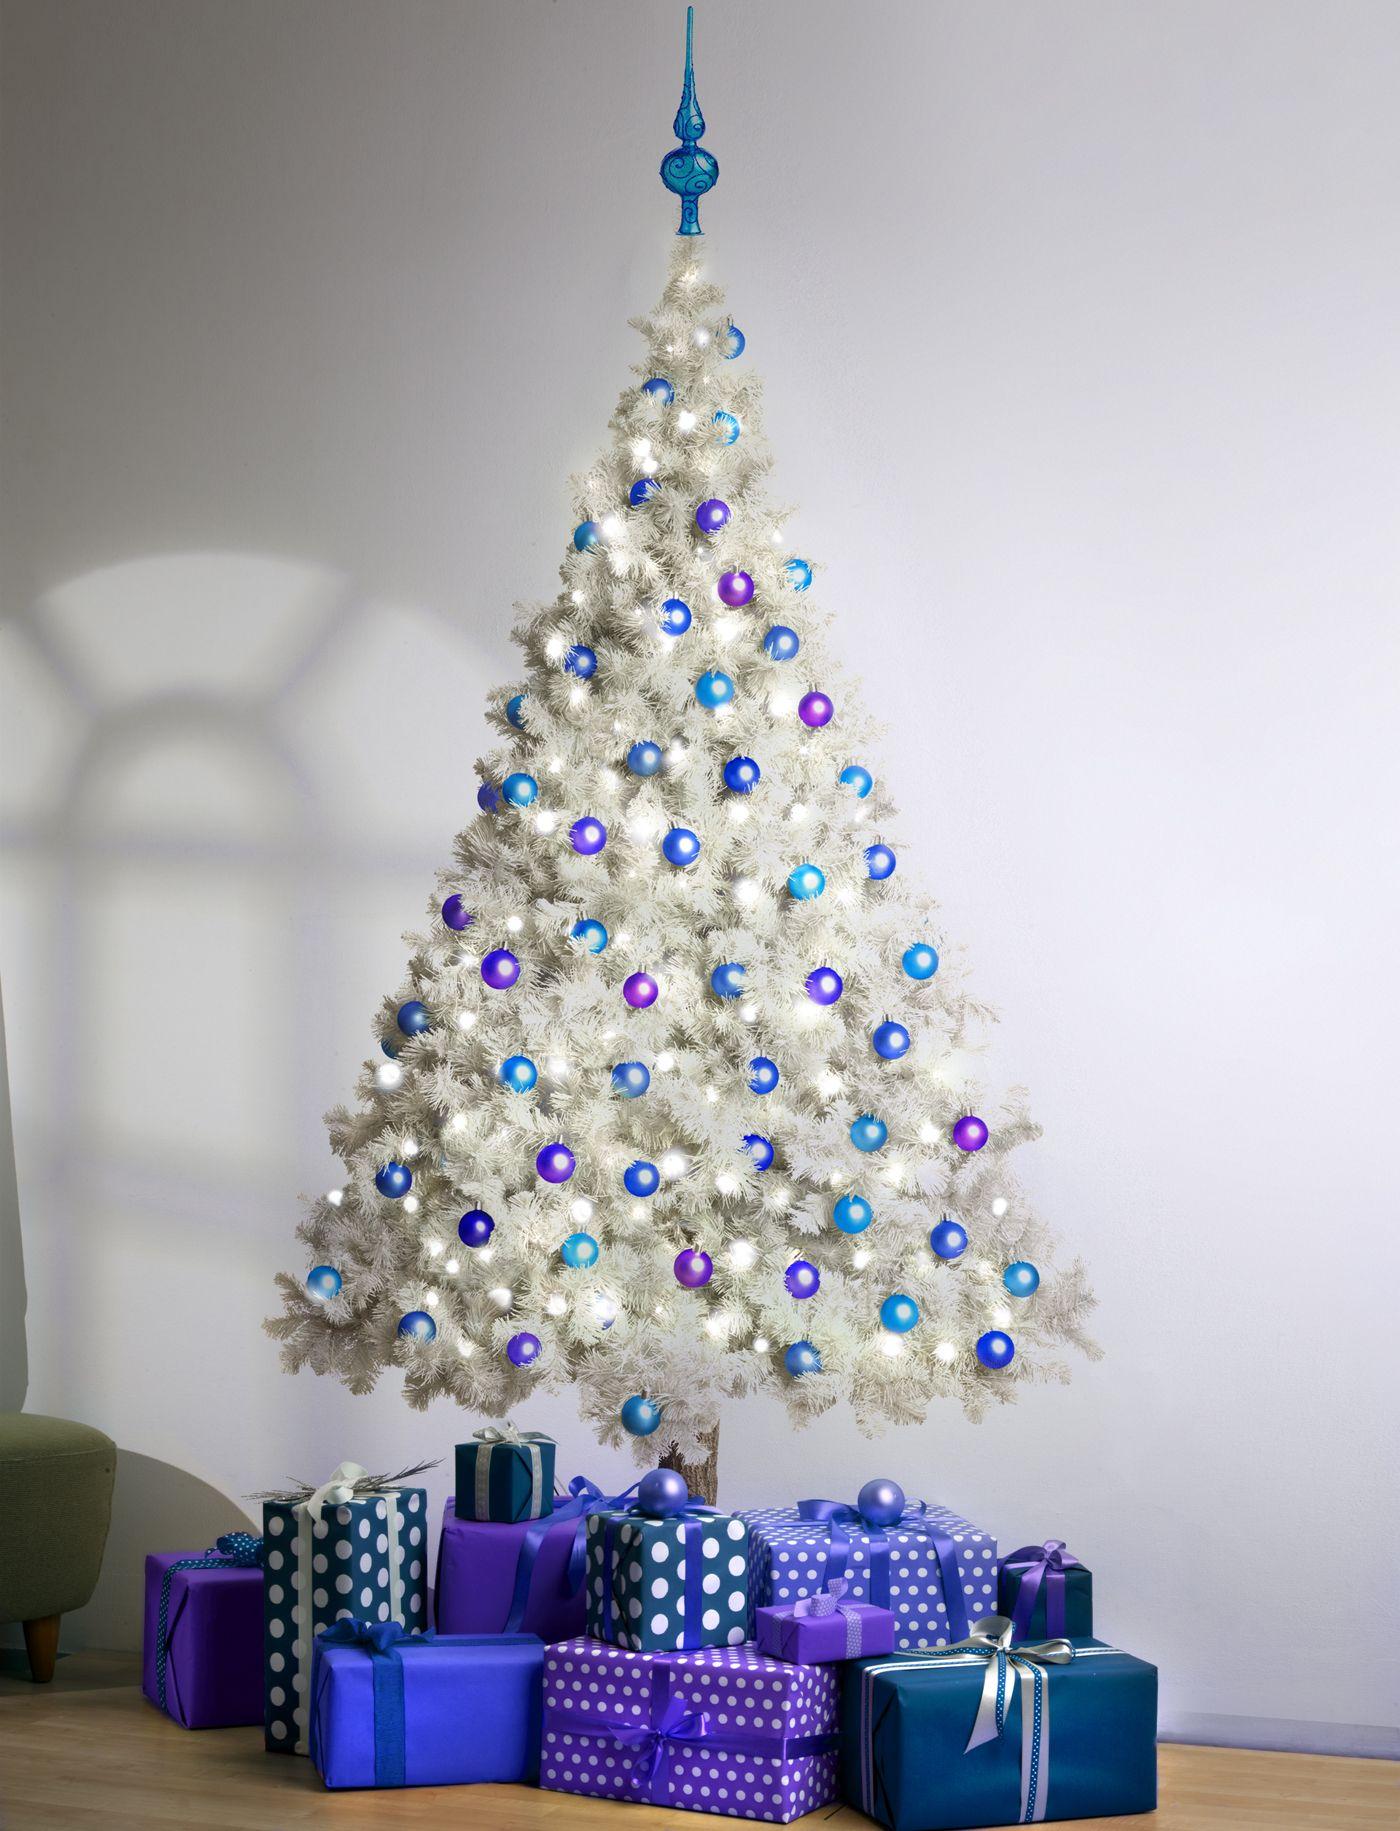 Jingle bells o seria a árvore de Natal de cada signo